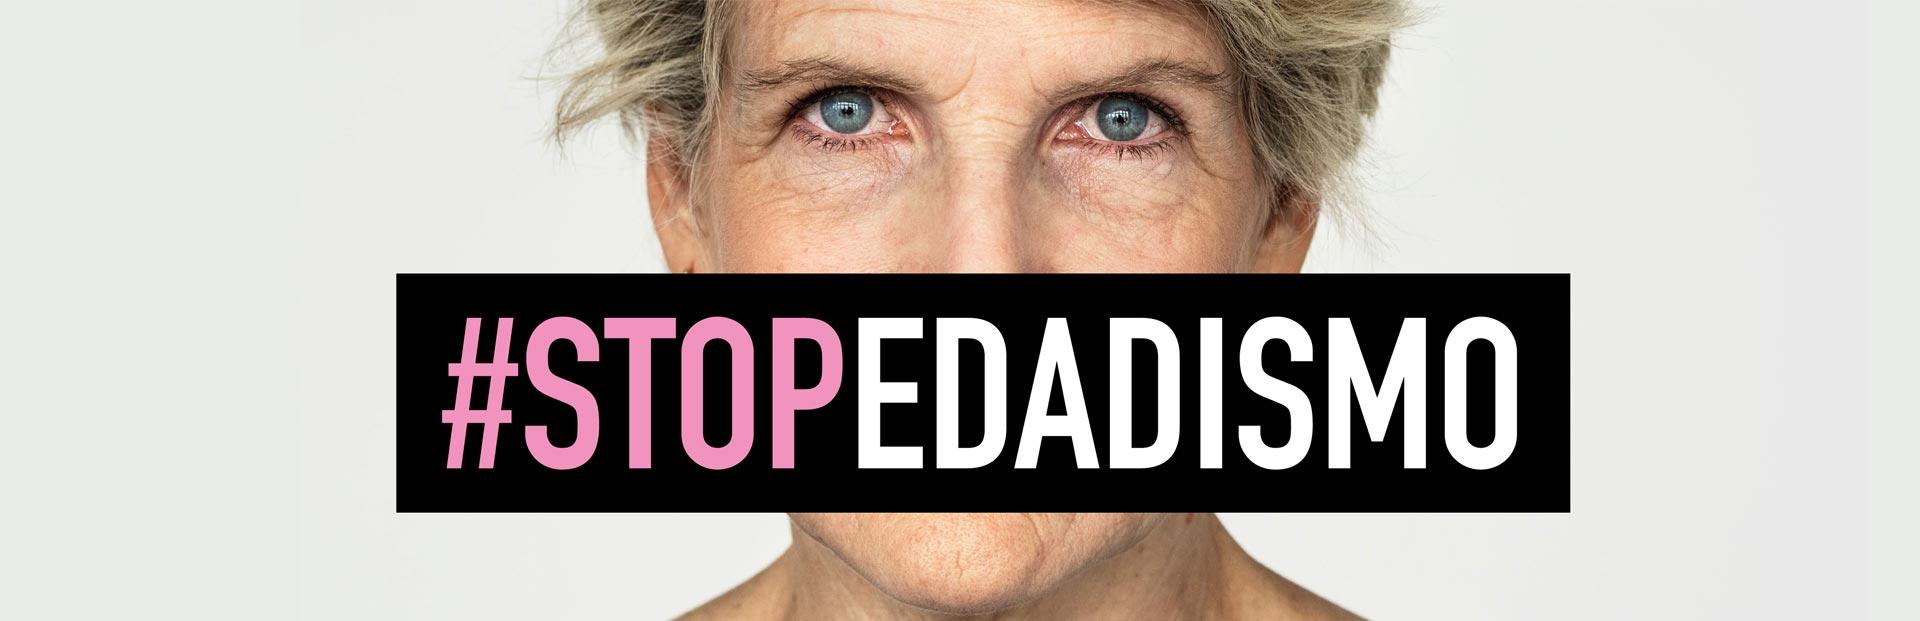 imagen destacada de la página #Stopedadismos, una iniciativa a la que se une ASISPA